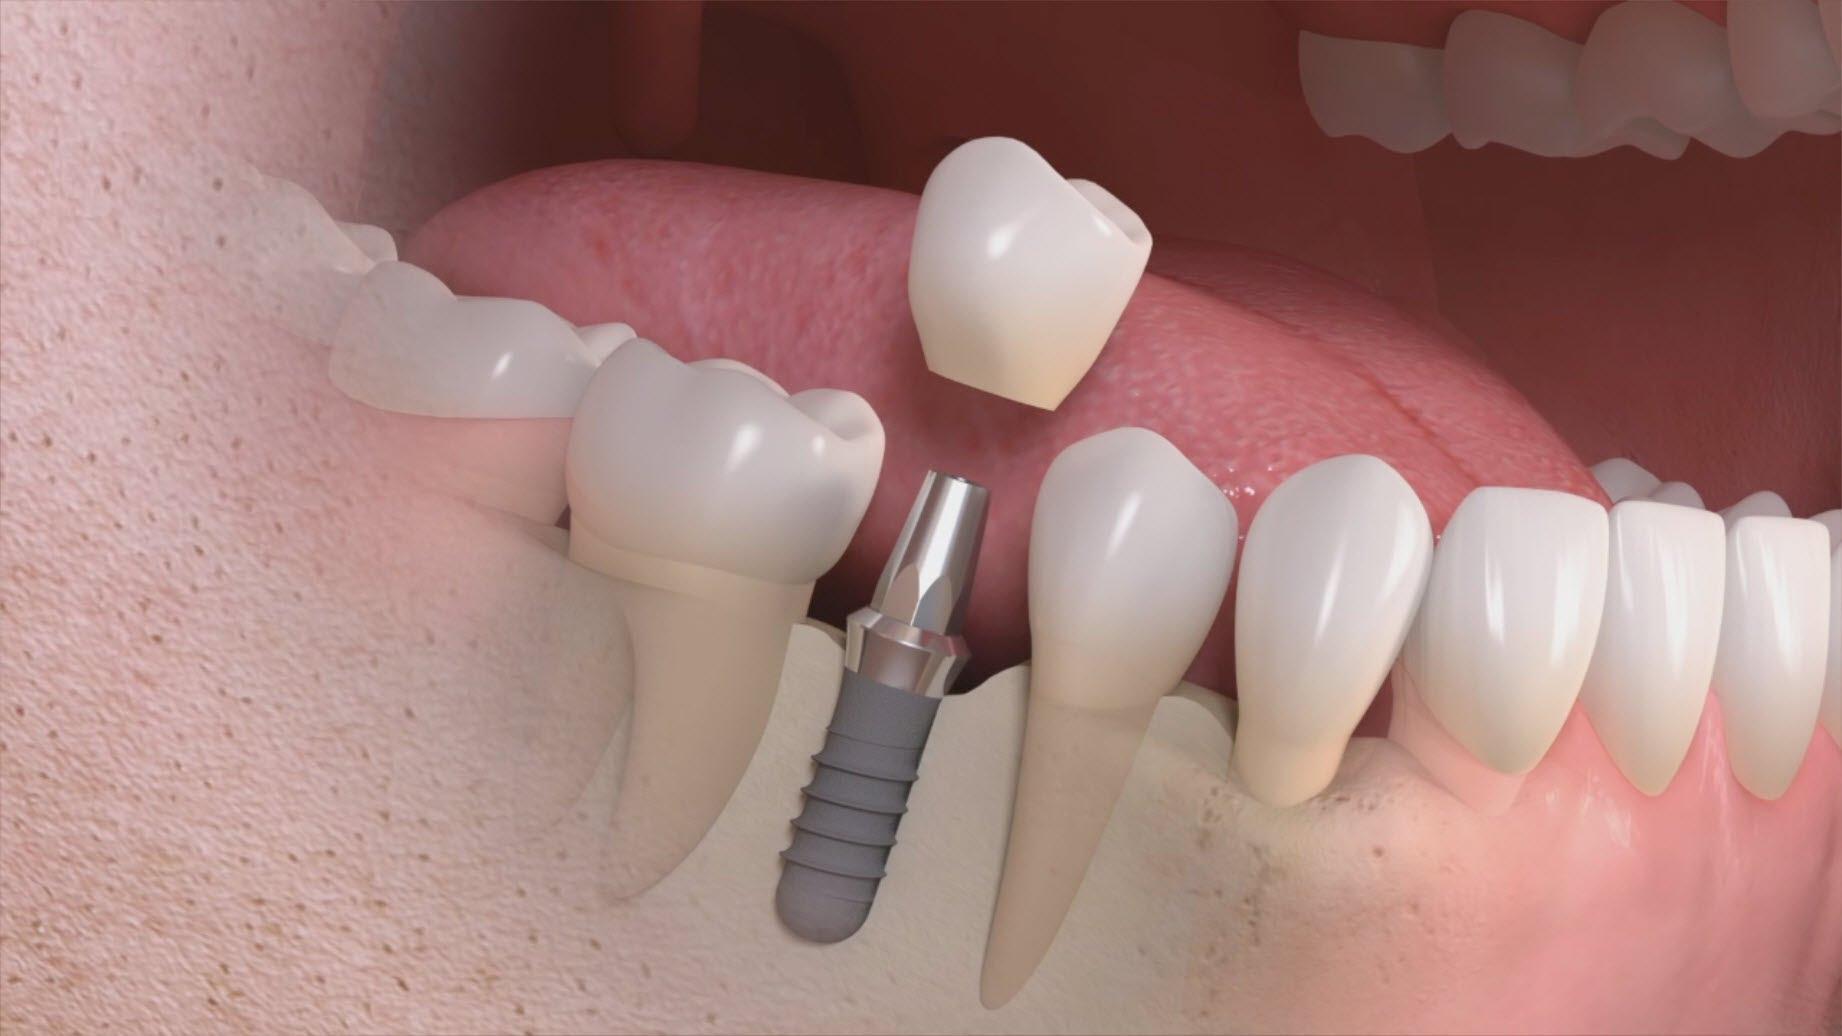 Impianti dentali: la scelta è fondamentale